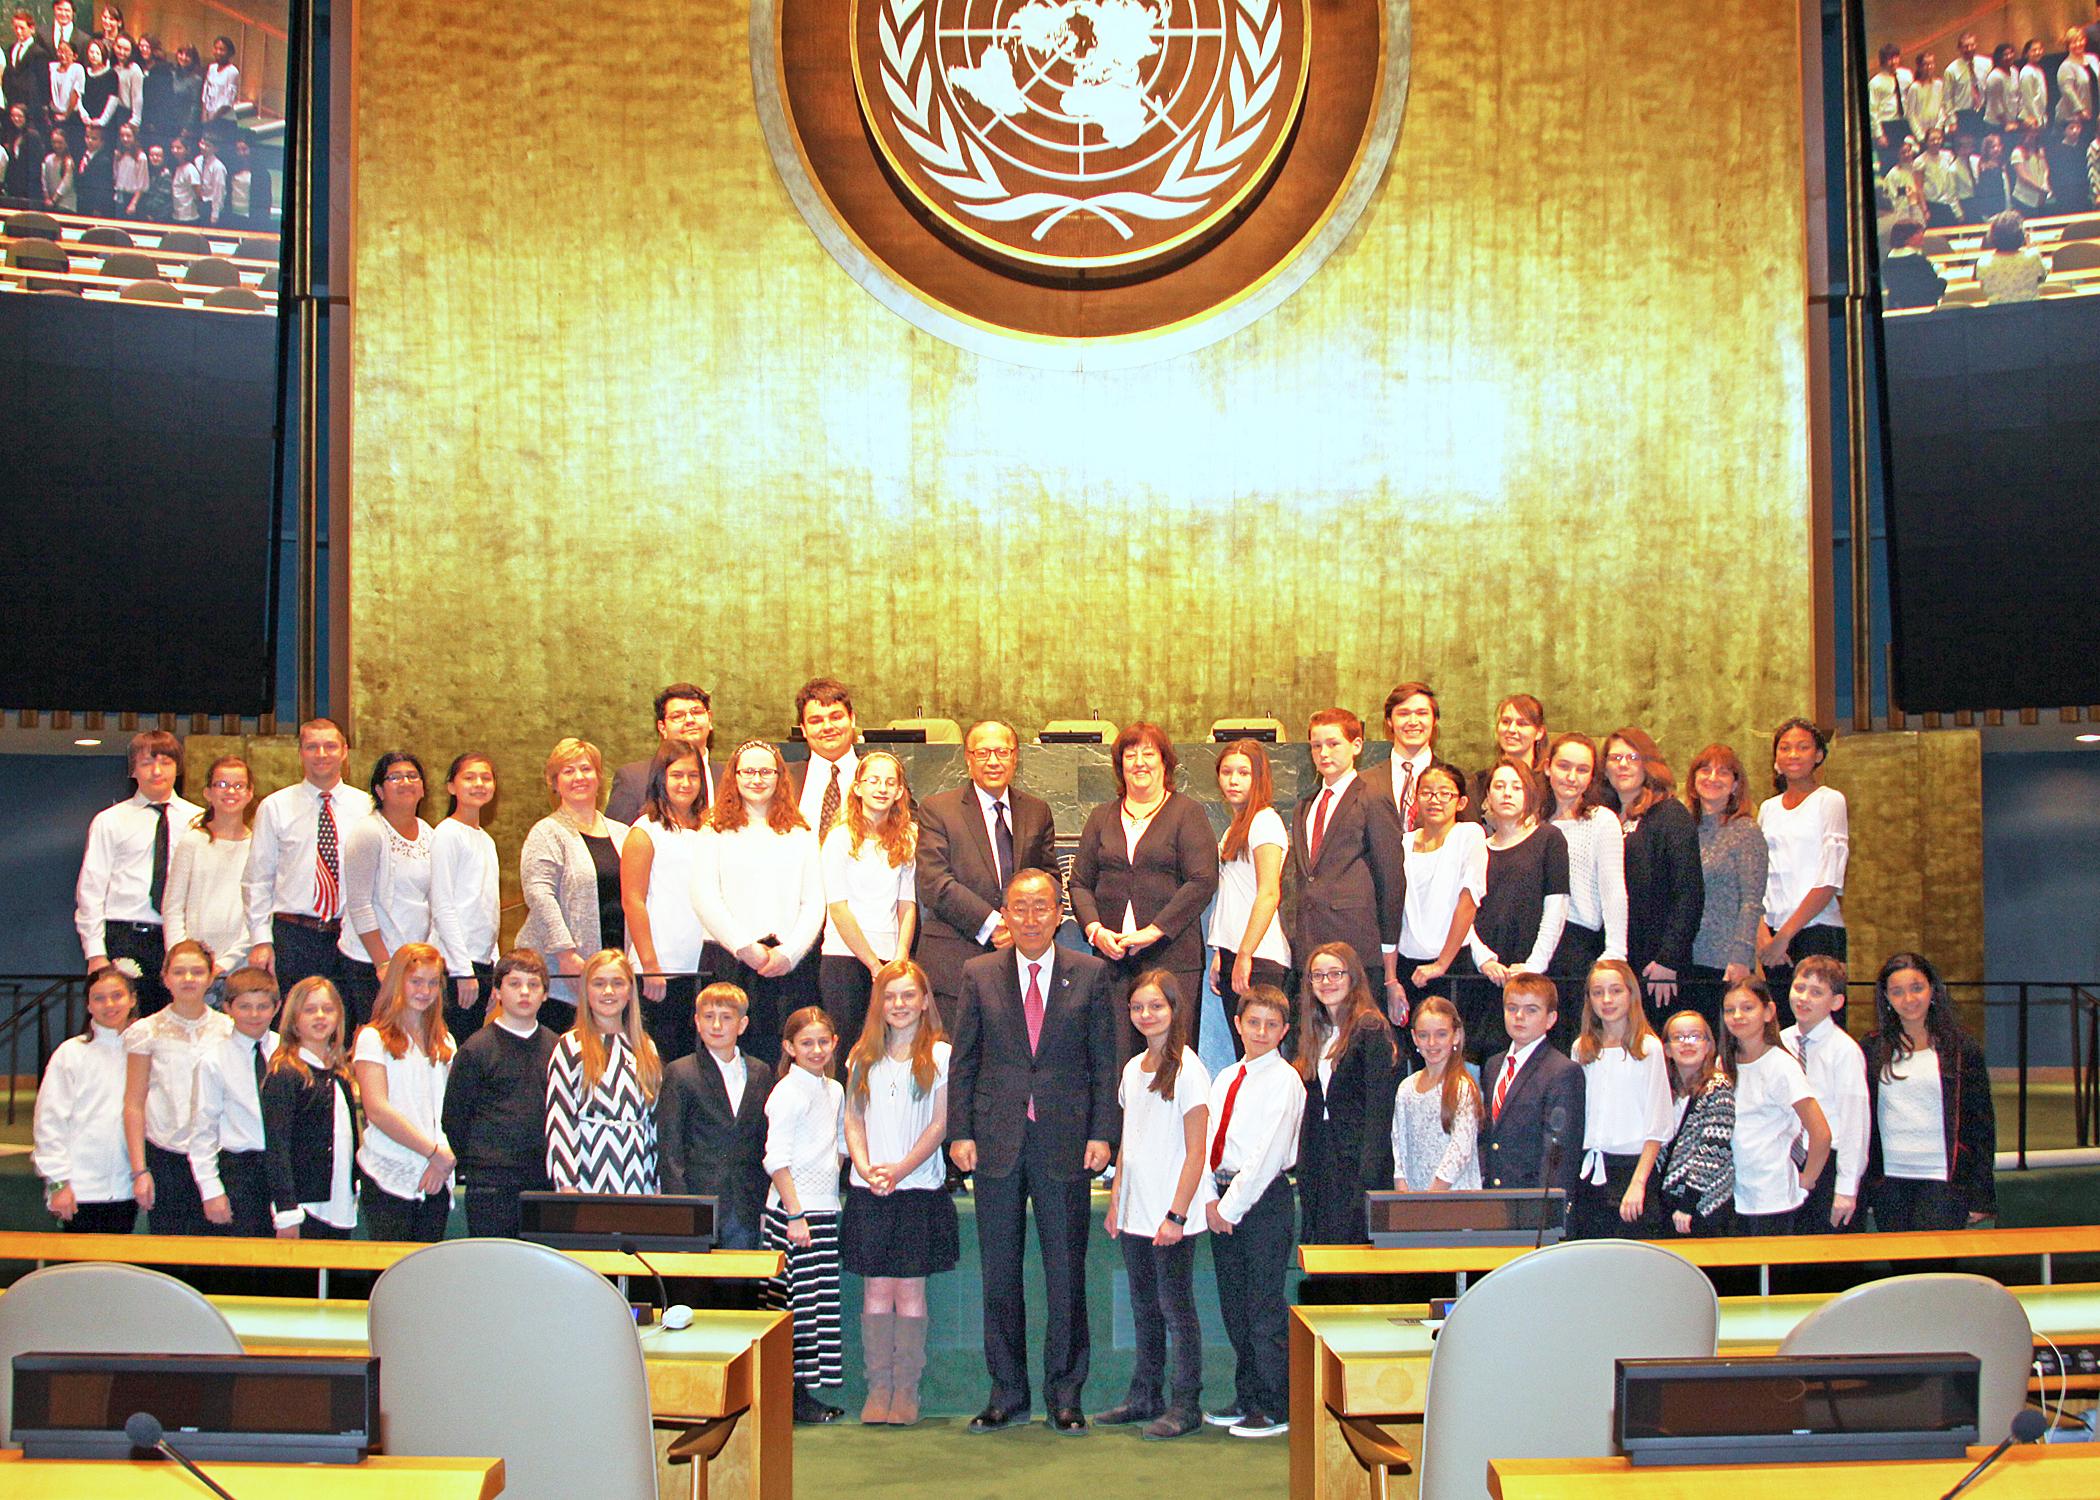 UN Visit with secretary-general ban ki-moon